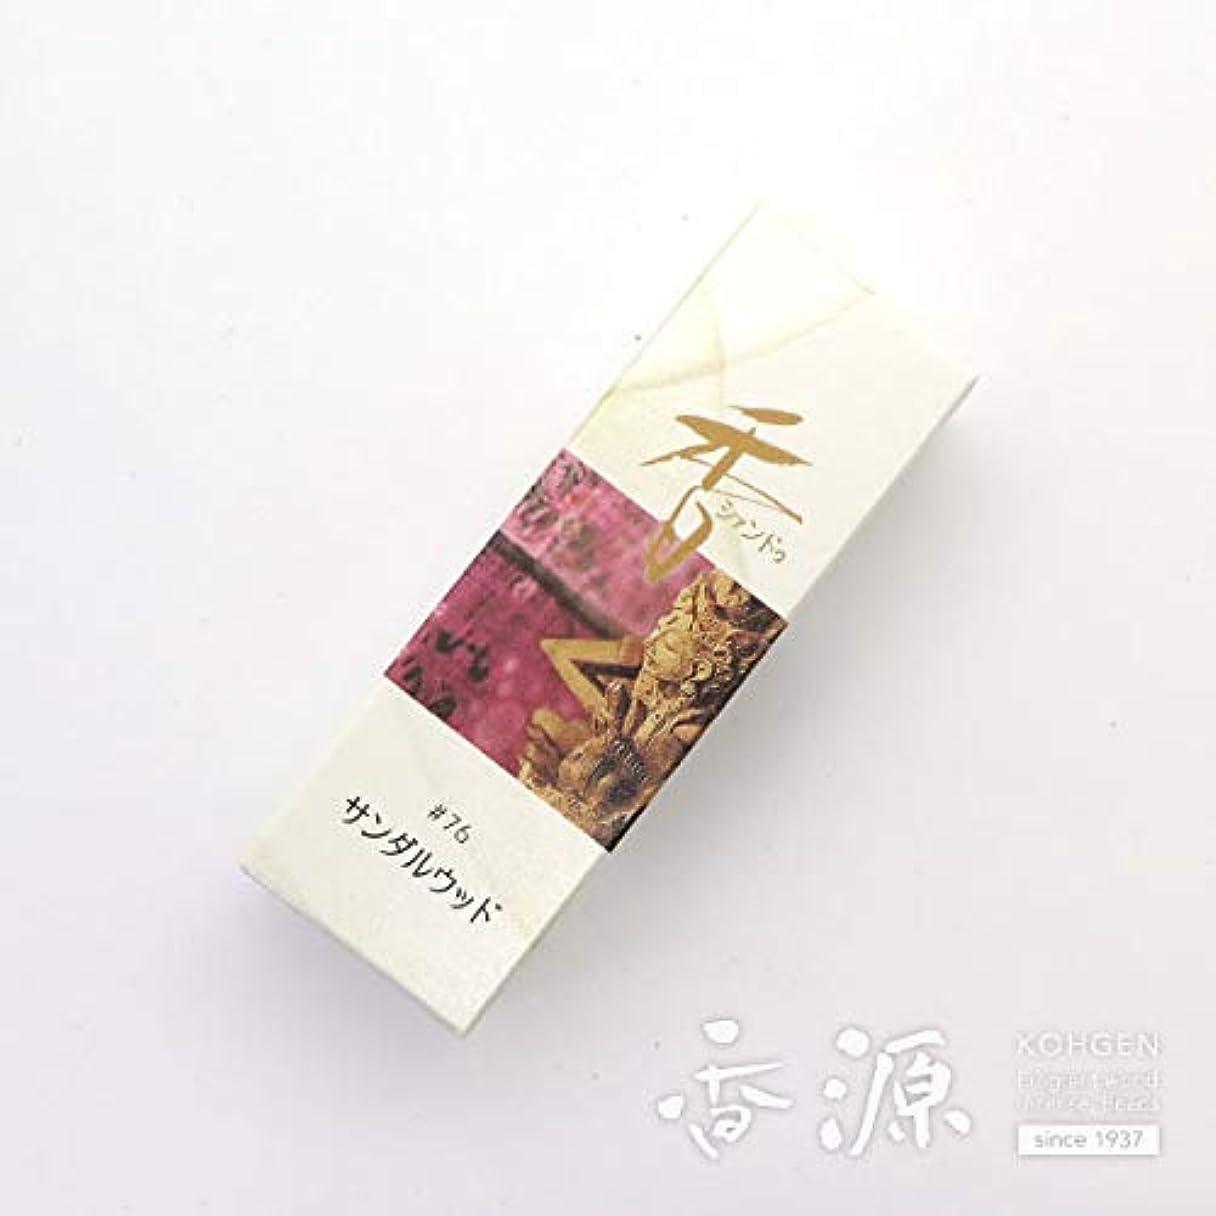 パイント地平線官僚松栄堂のお香 Xiang Do サンダルウッド ST20本入 簡易香立付 #214276